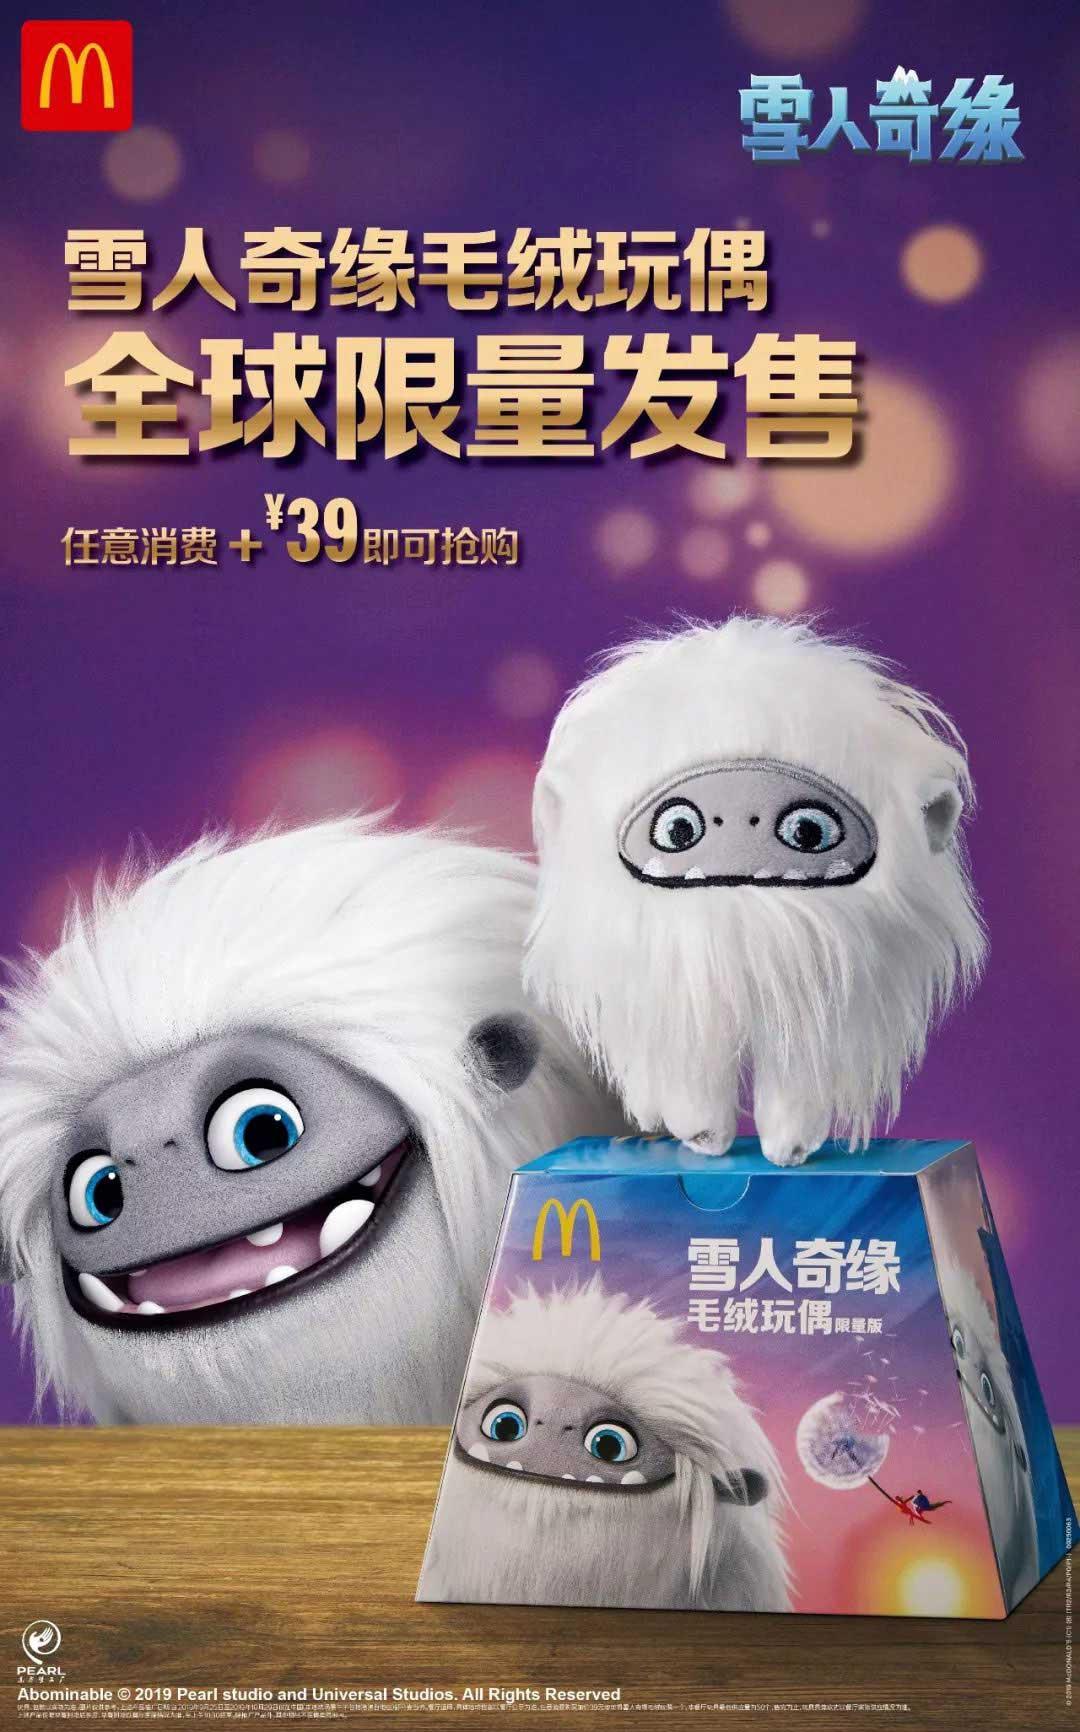 麦当劳雪人奇缘毛绒玩偶全球限量发售,任意消费+39元得雪人奇缘毛绒玩偶一个,有效期自2019年09月25日到2019年10月29日